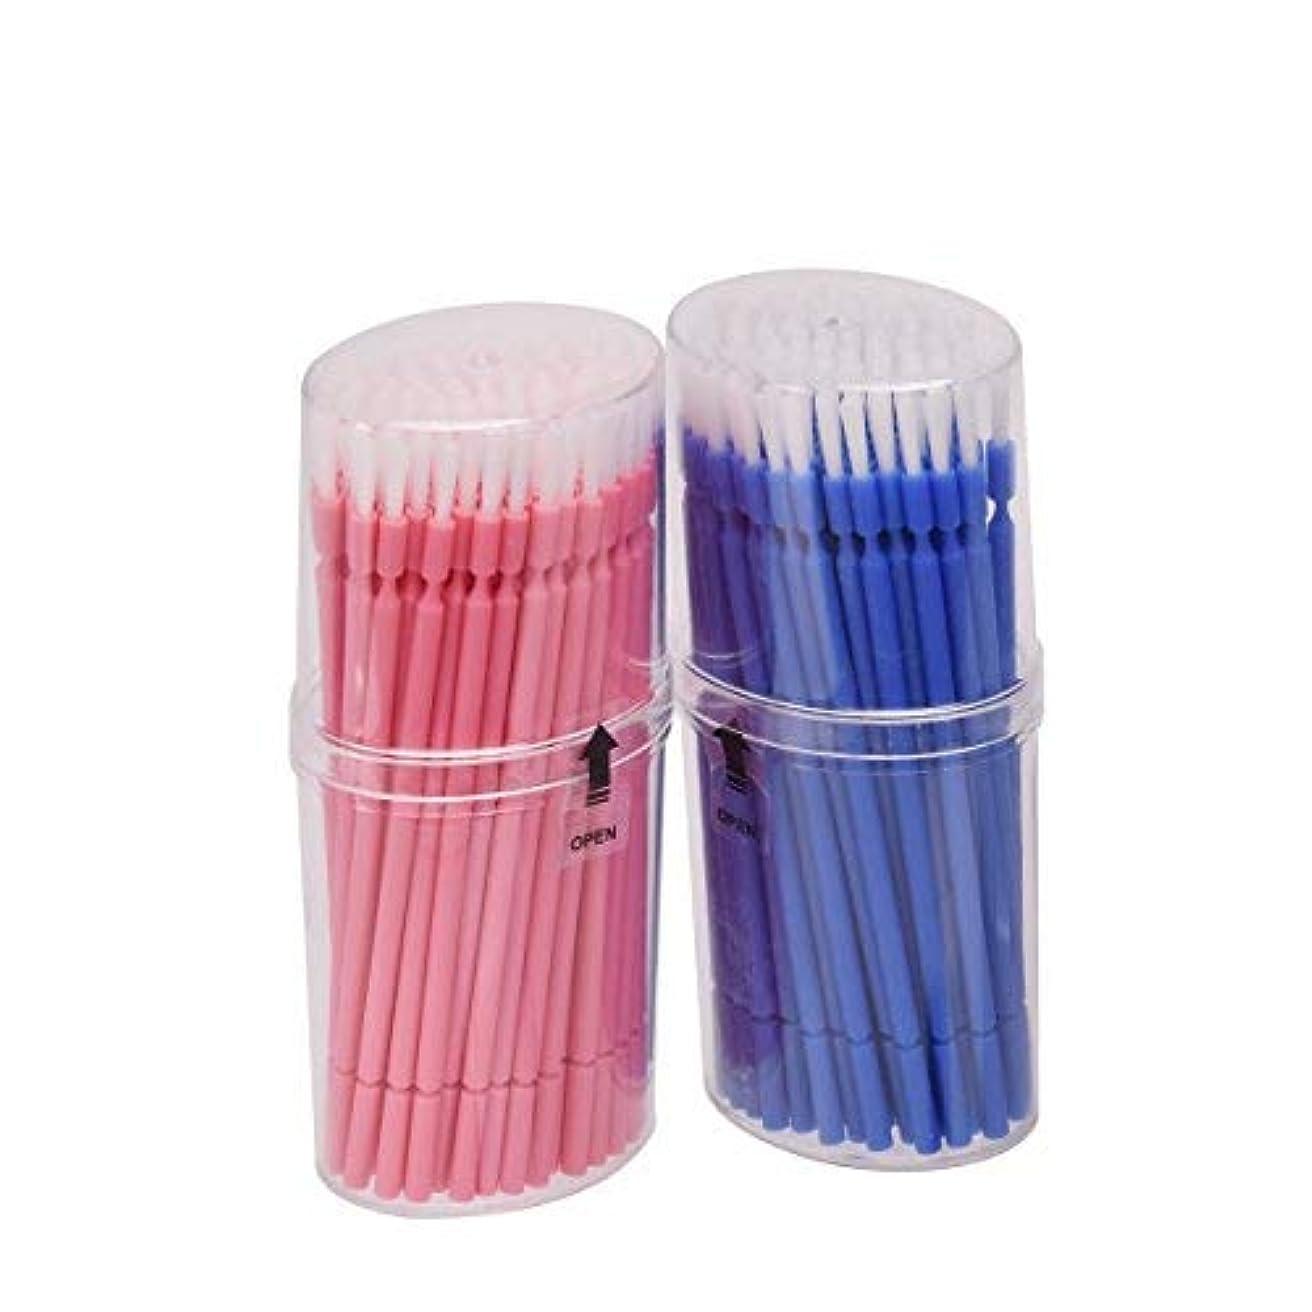 凶暴なリム扱うマイクブラシ 歯科ブラシ 精密機器の細部の清掃など 幅広く使える 使い捨て 4 * 100=400本入り Annhua